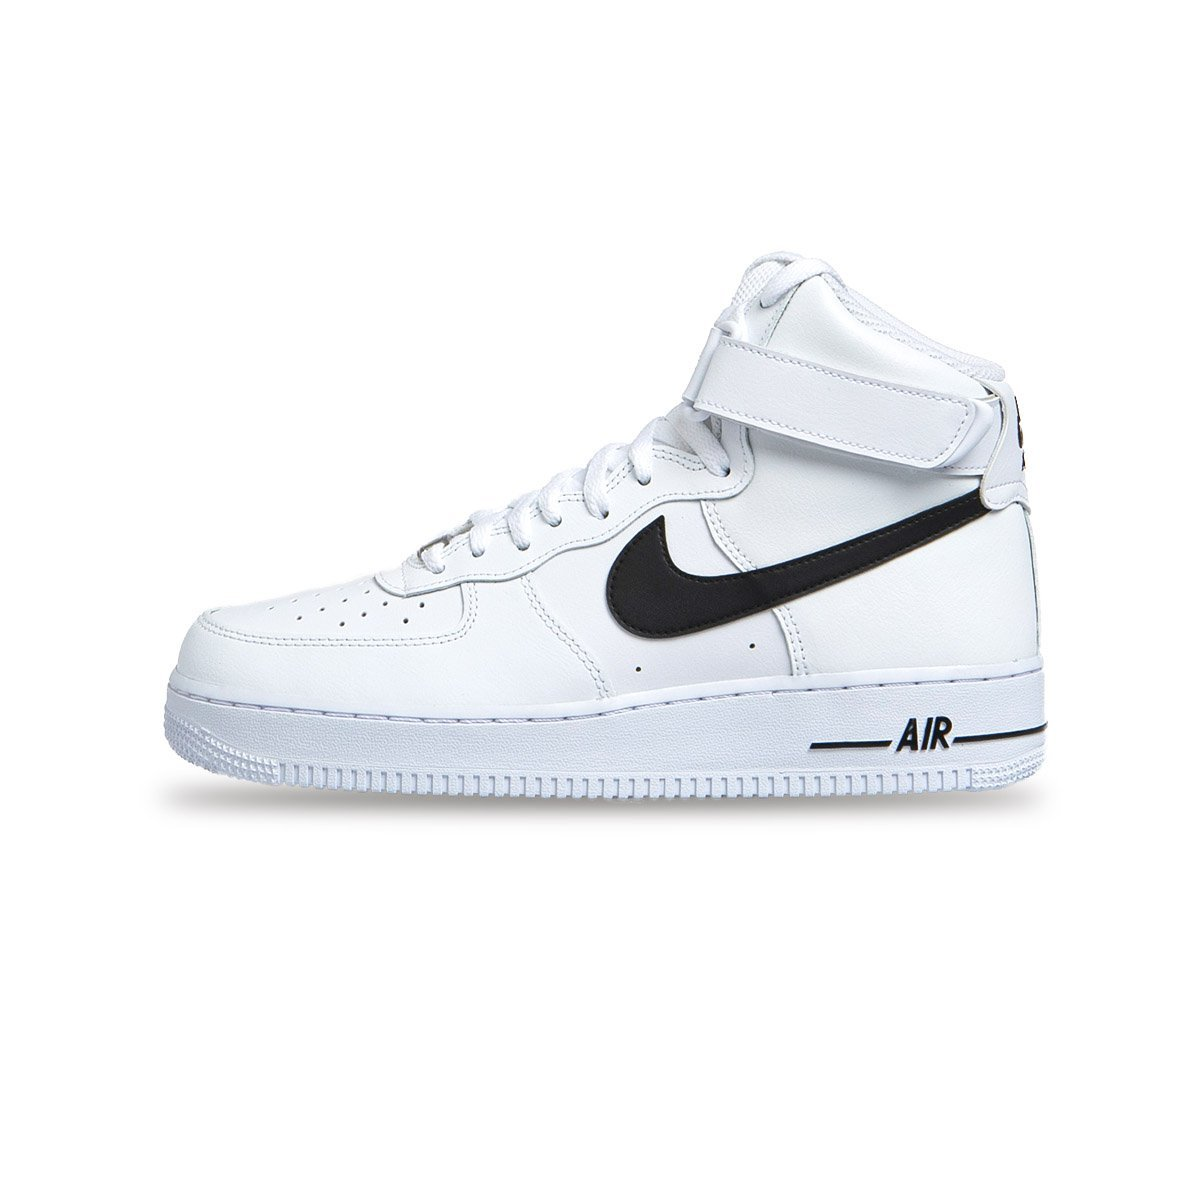 Nike Buty męskie Air Force 1 Mid '07 białe r. 41 (CK4369 100